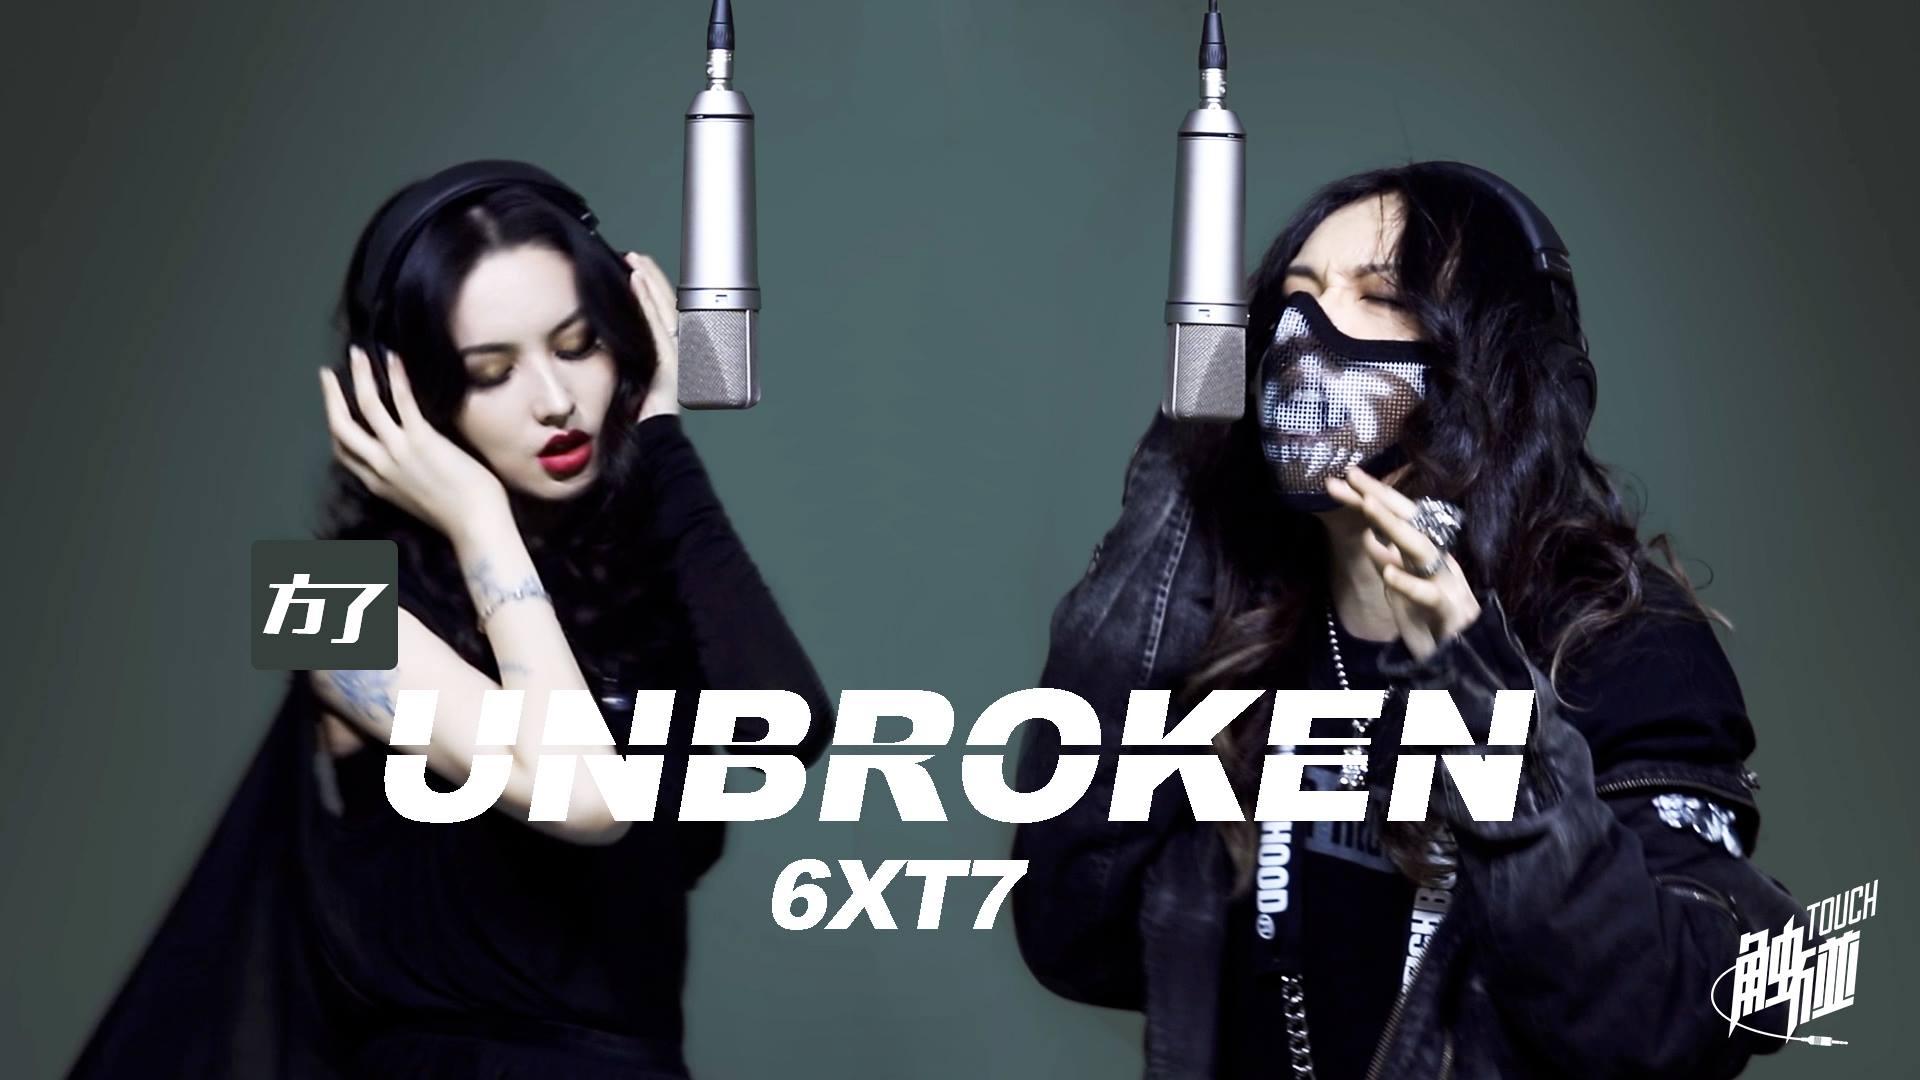 台灣暗潮搖滾 6XT7 於節目釋出新曲 Unbroken 並公布內幕情史